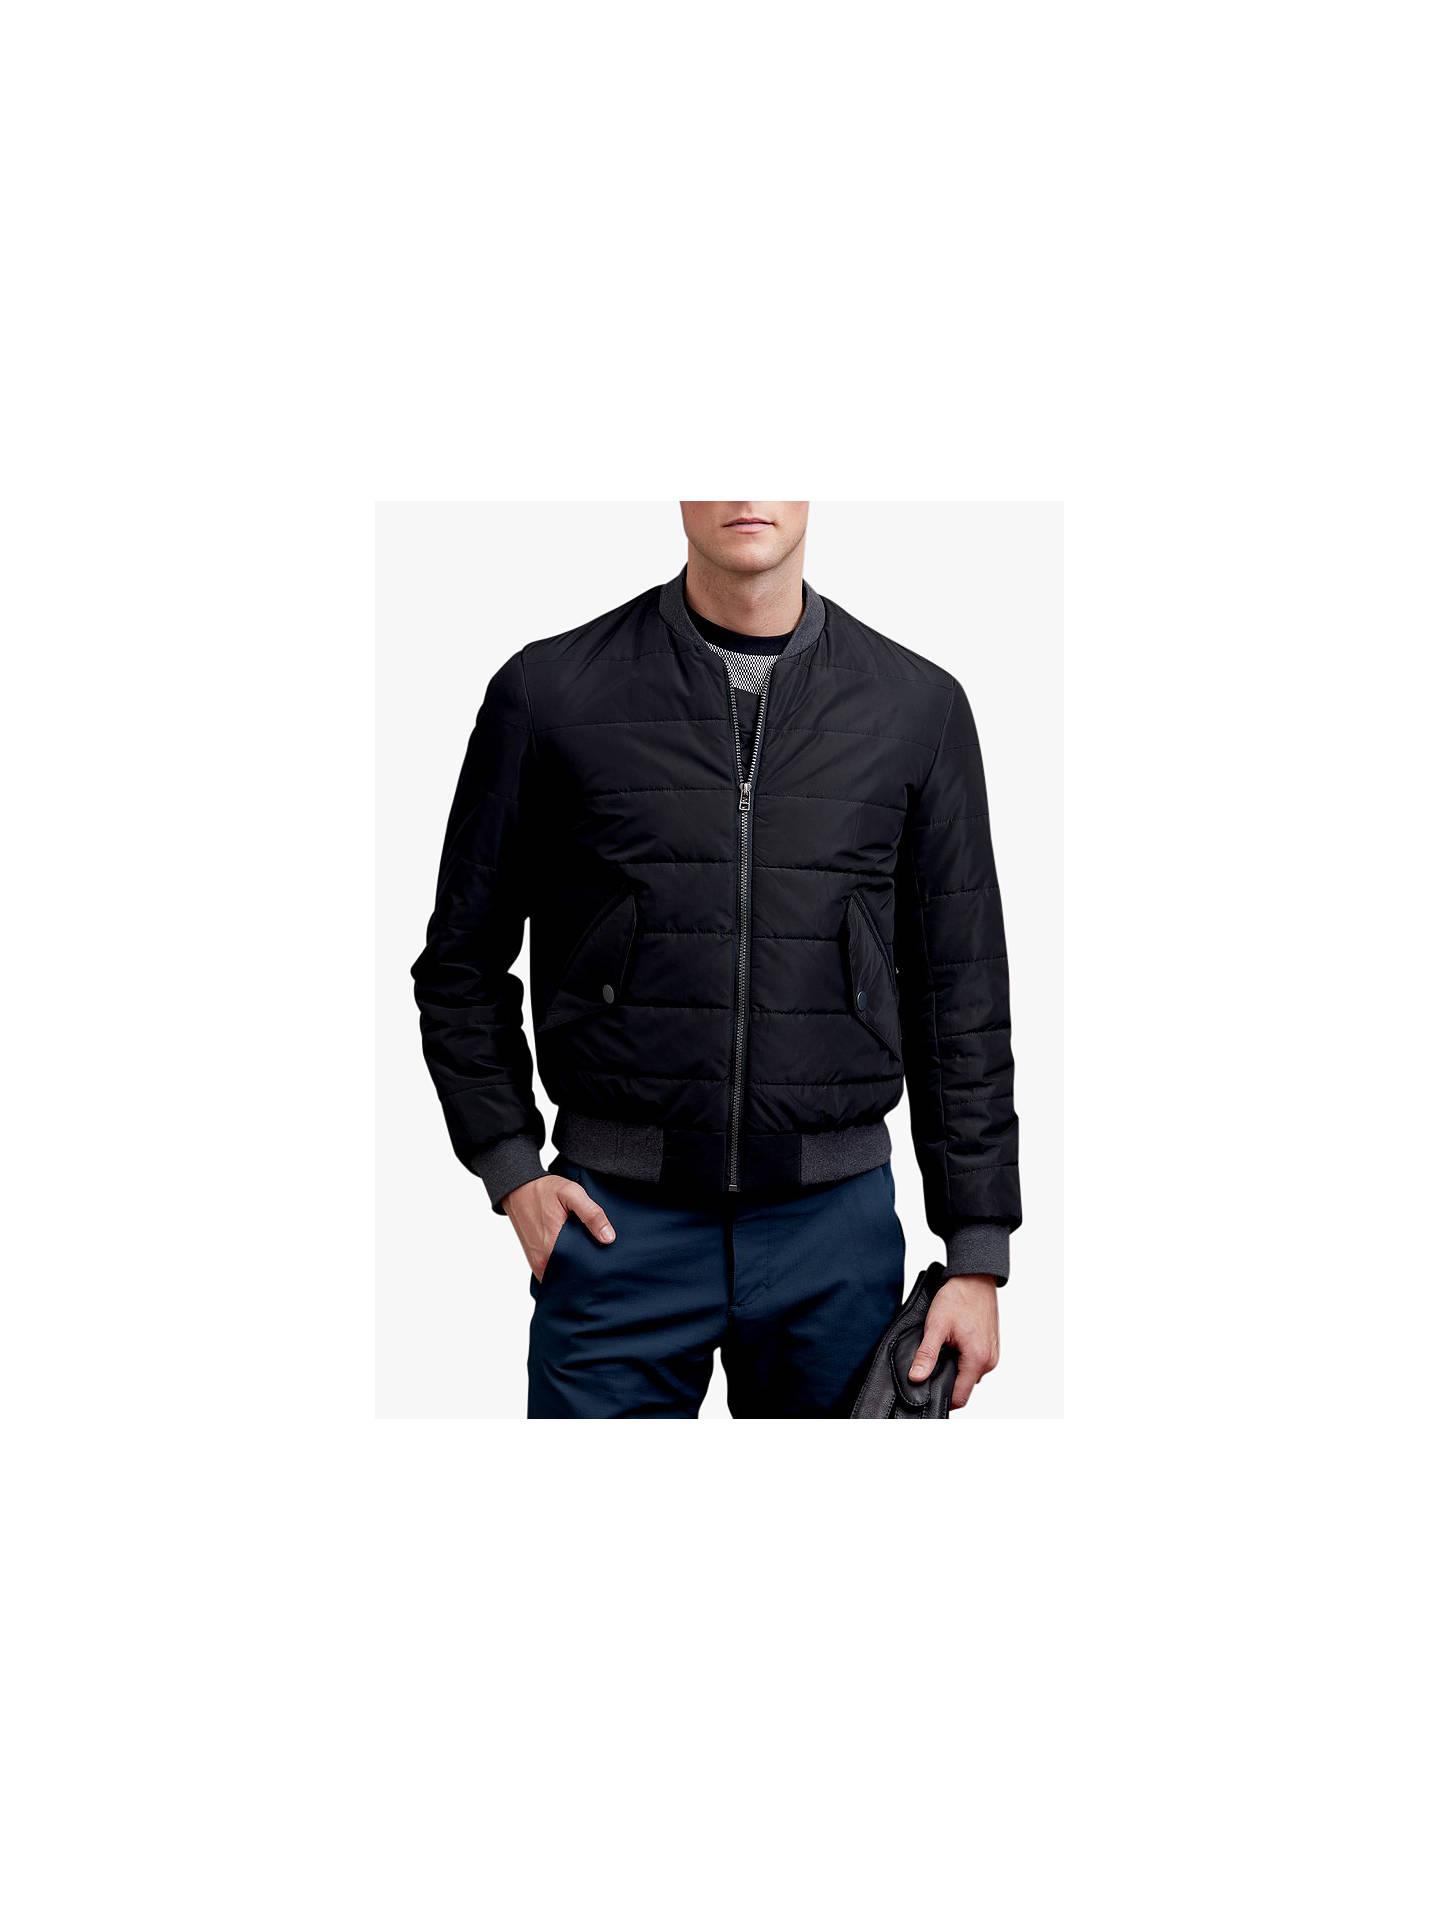 Vogue Men\'s Jacket Sewing Pattern, 9353 at John Lewis & Partners